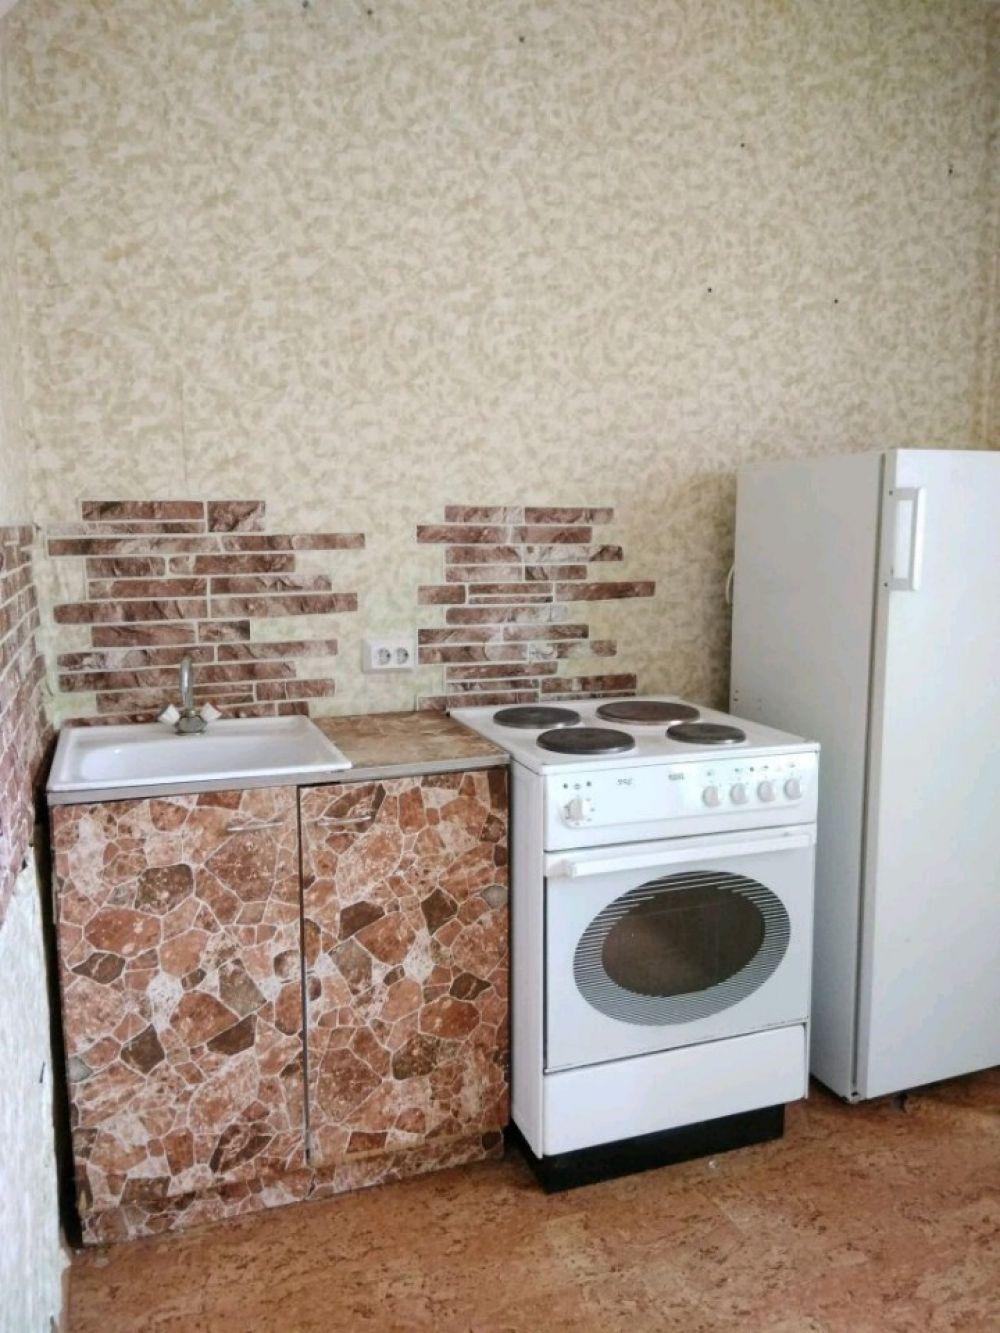 Однокомнатная квартира Московская область г. Королев, ул Мичурина, д. 27 корп. 7, фото 8